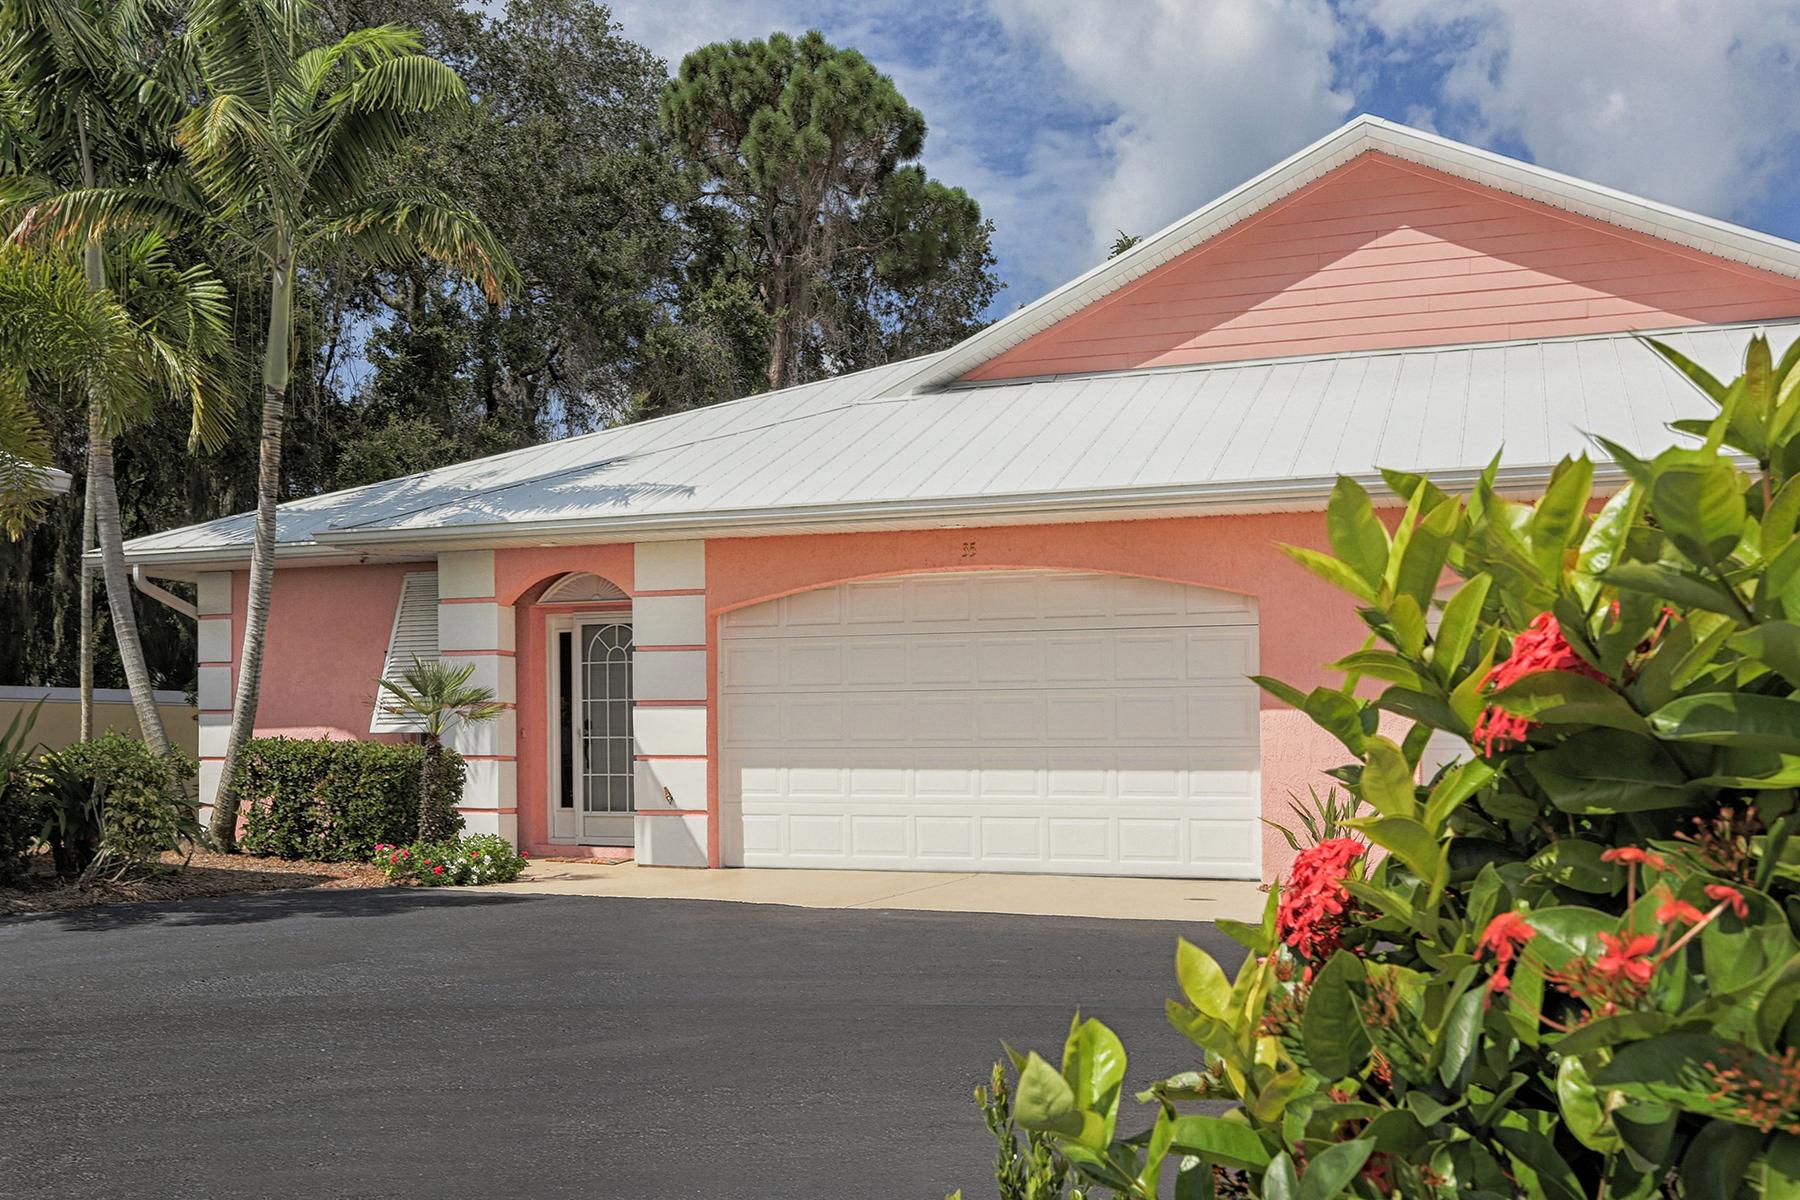 Stadthaus für Verkauf beim SORRENTO VILLAGE 35 Cavallini Dr 35 Nokomis, Florida 34275 Vereinigte Staaten